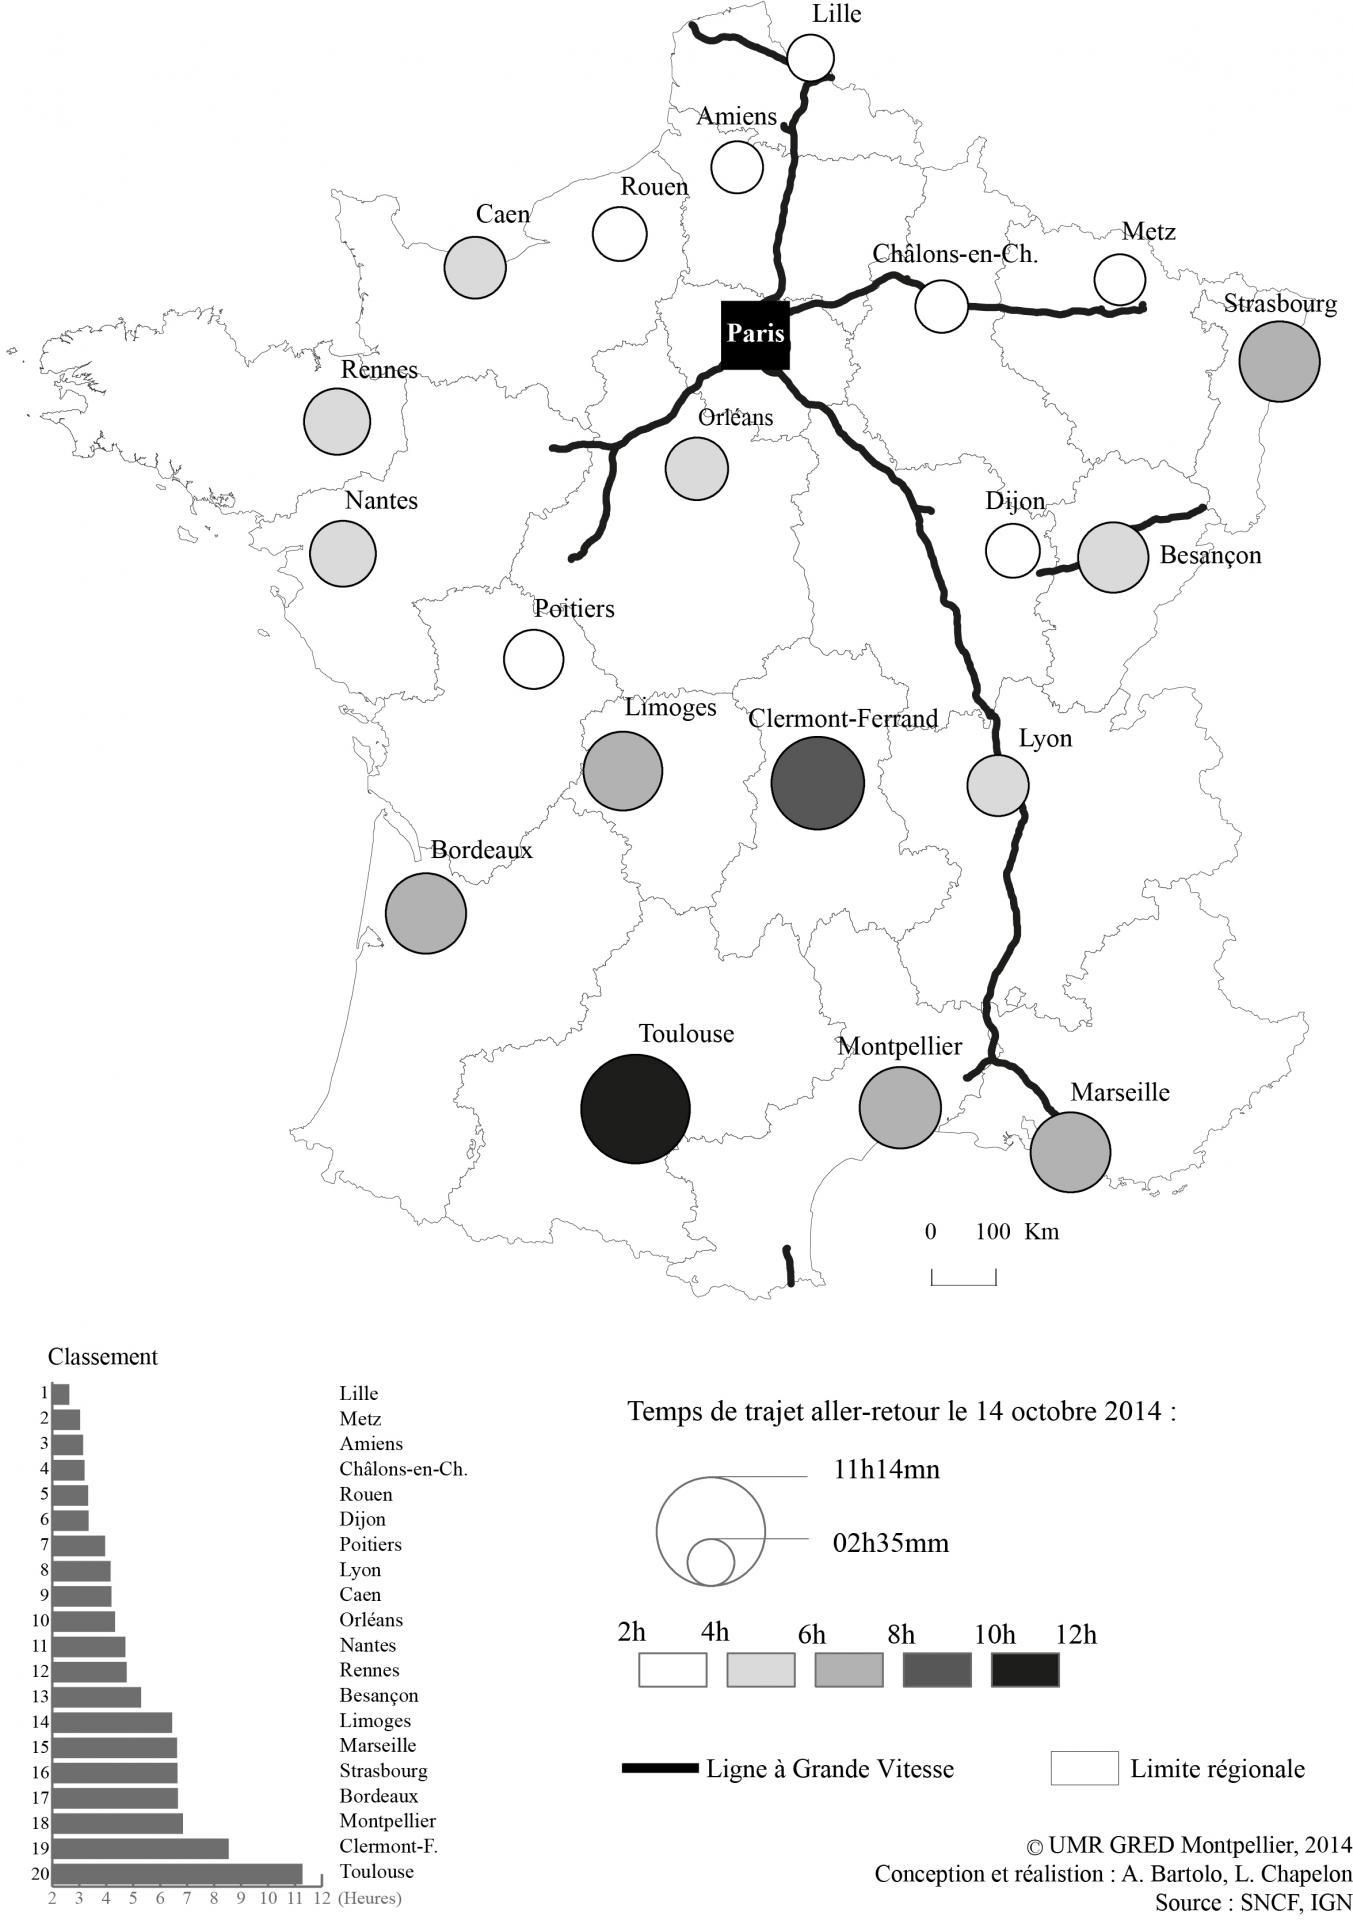 Temps de trajets aller-retour entre Paris et les préfectures de région françaises